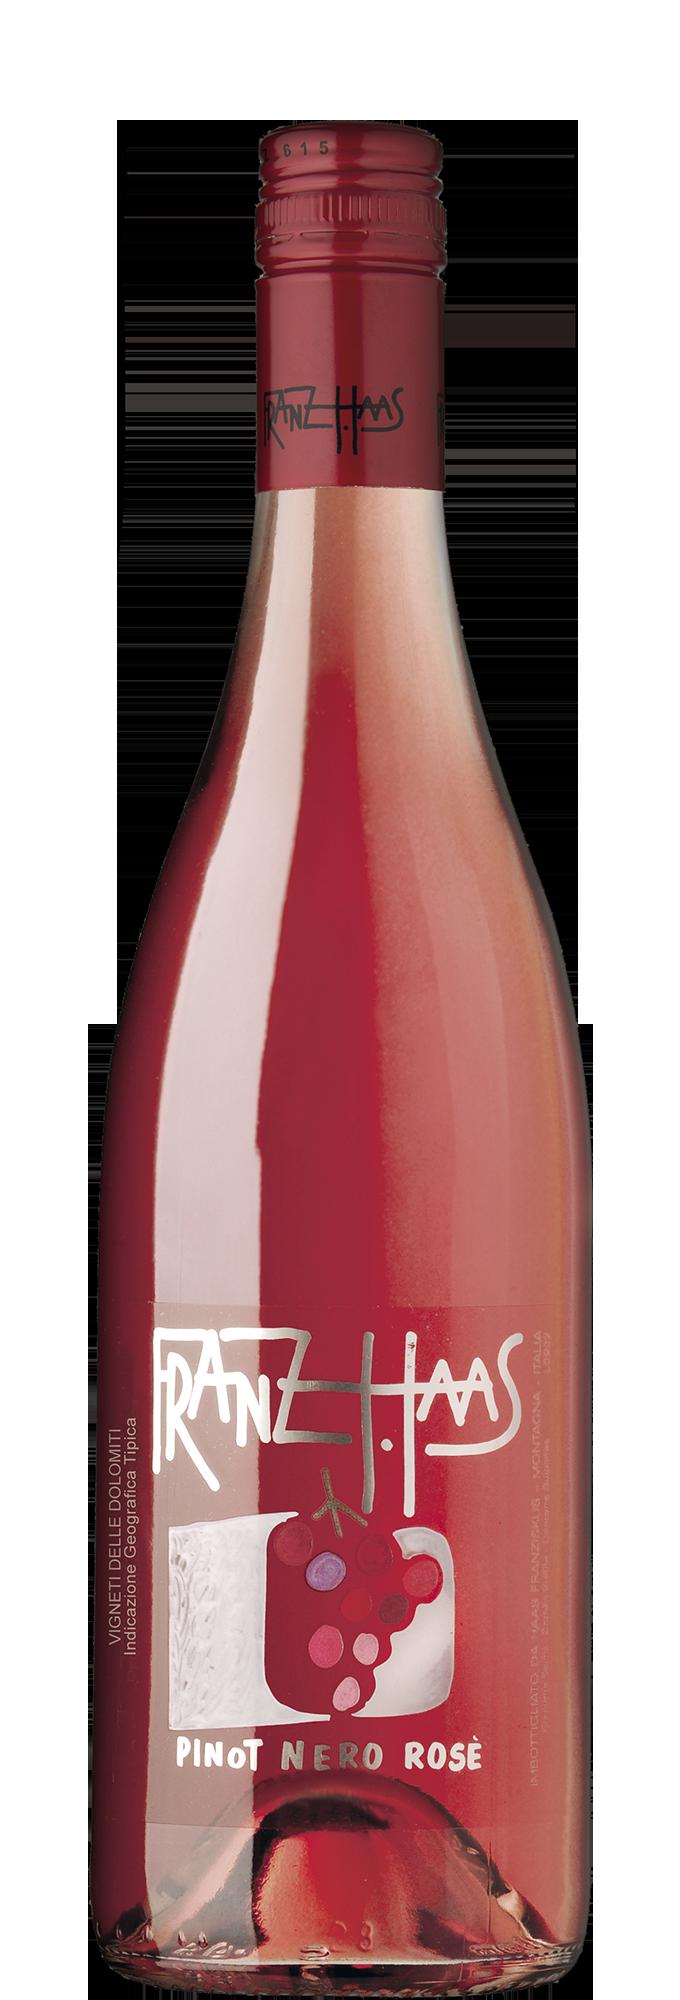 Pinot Nero Rosè